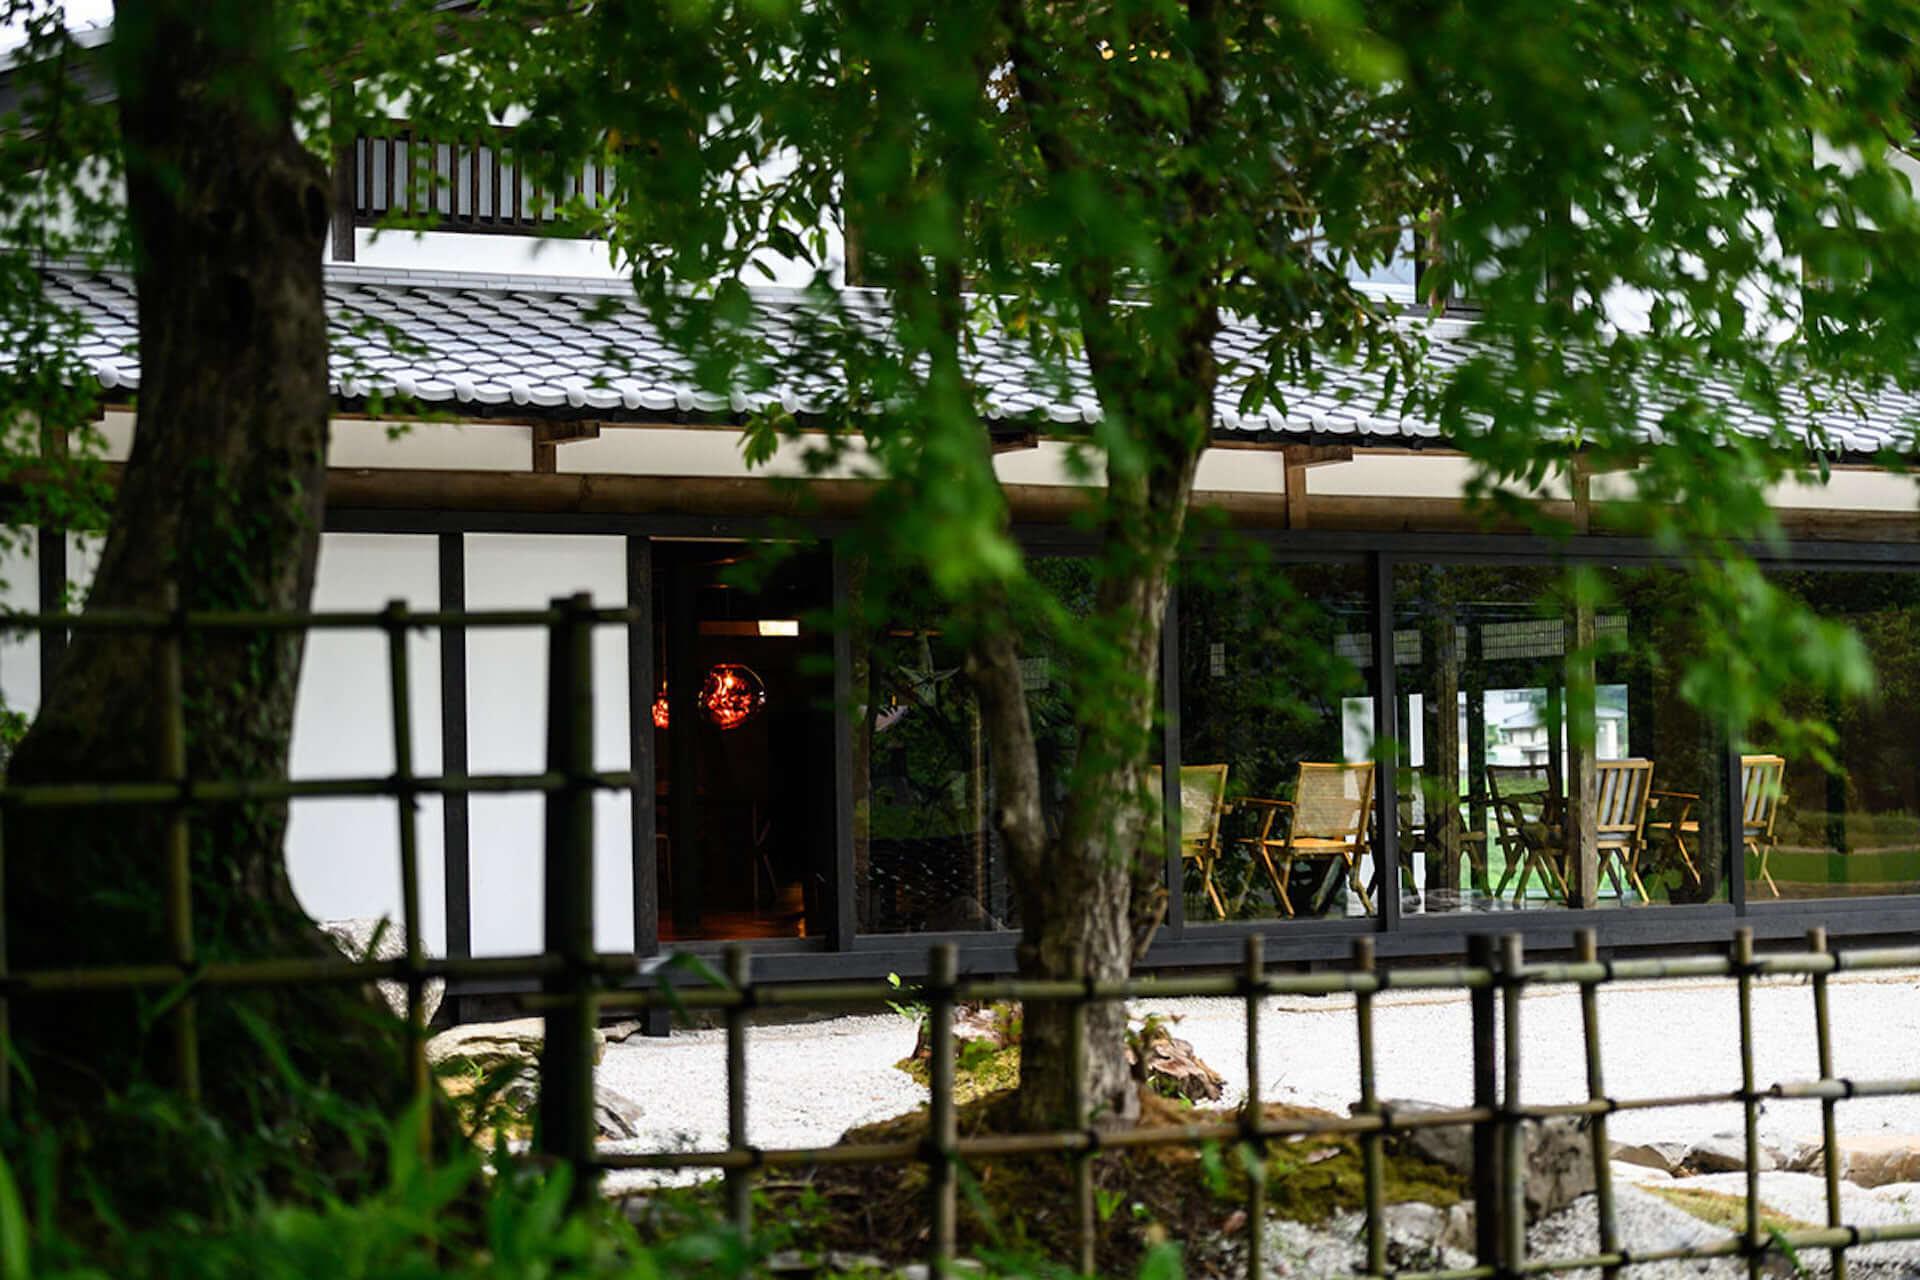 """「日本で最も美しい村」、日本の秘境に古民家ラグジュアリーホテル""""ゼナギ""""がOPEN! 6-1920x1280"""